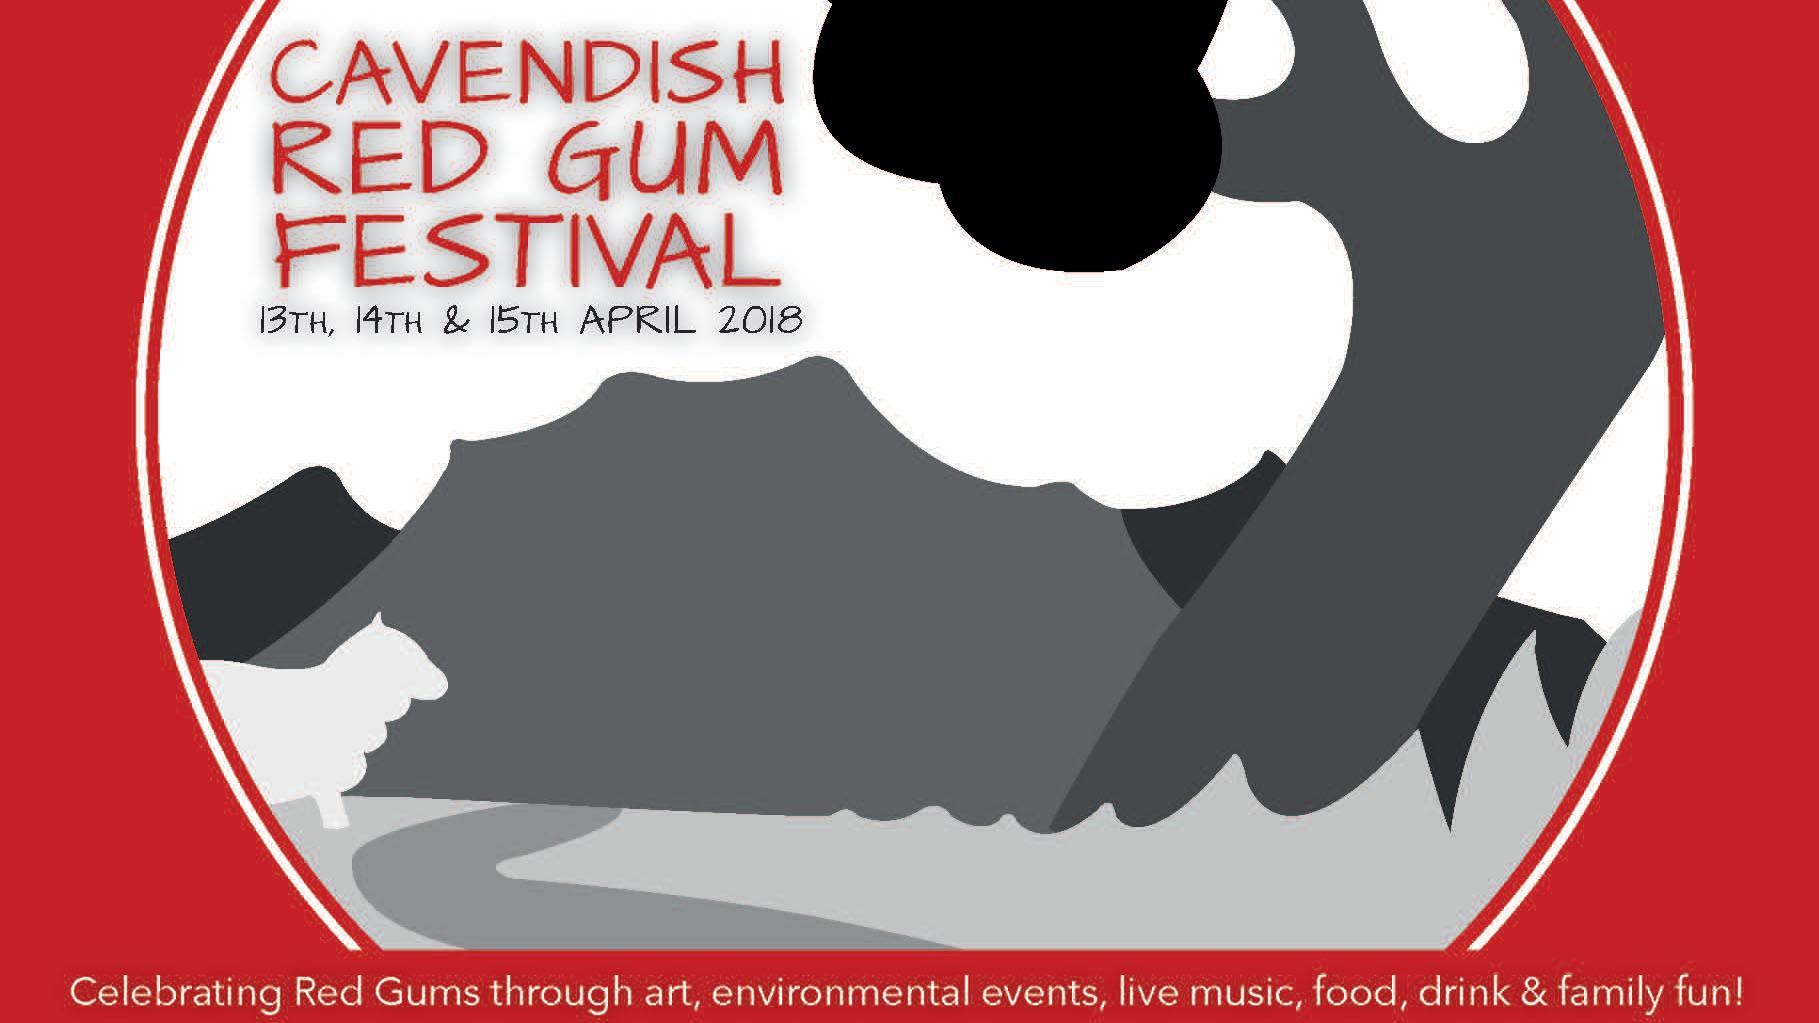 Event: Cavendish Red Gum Festival